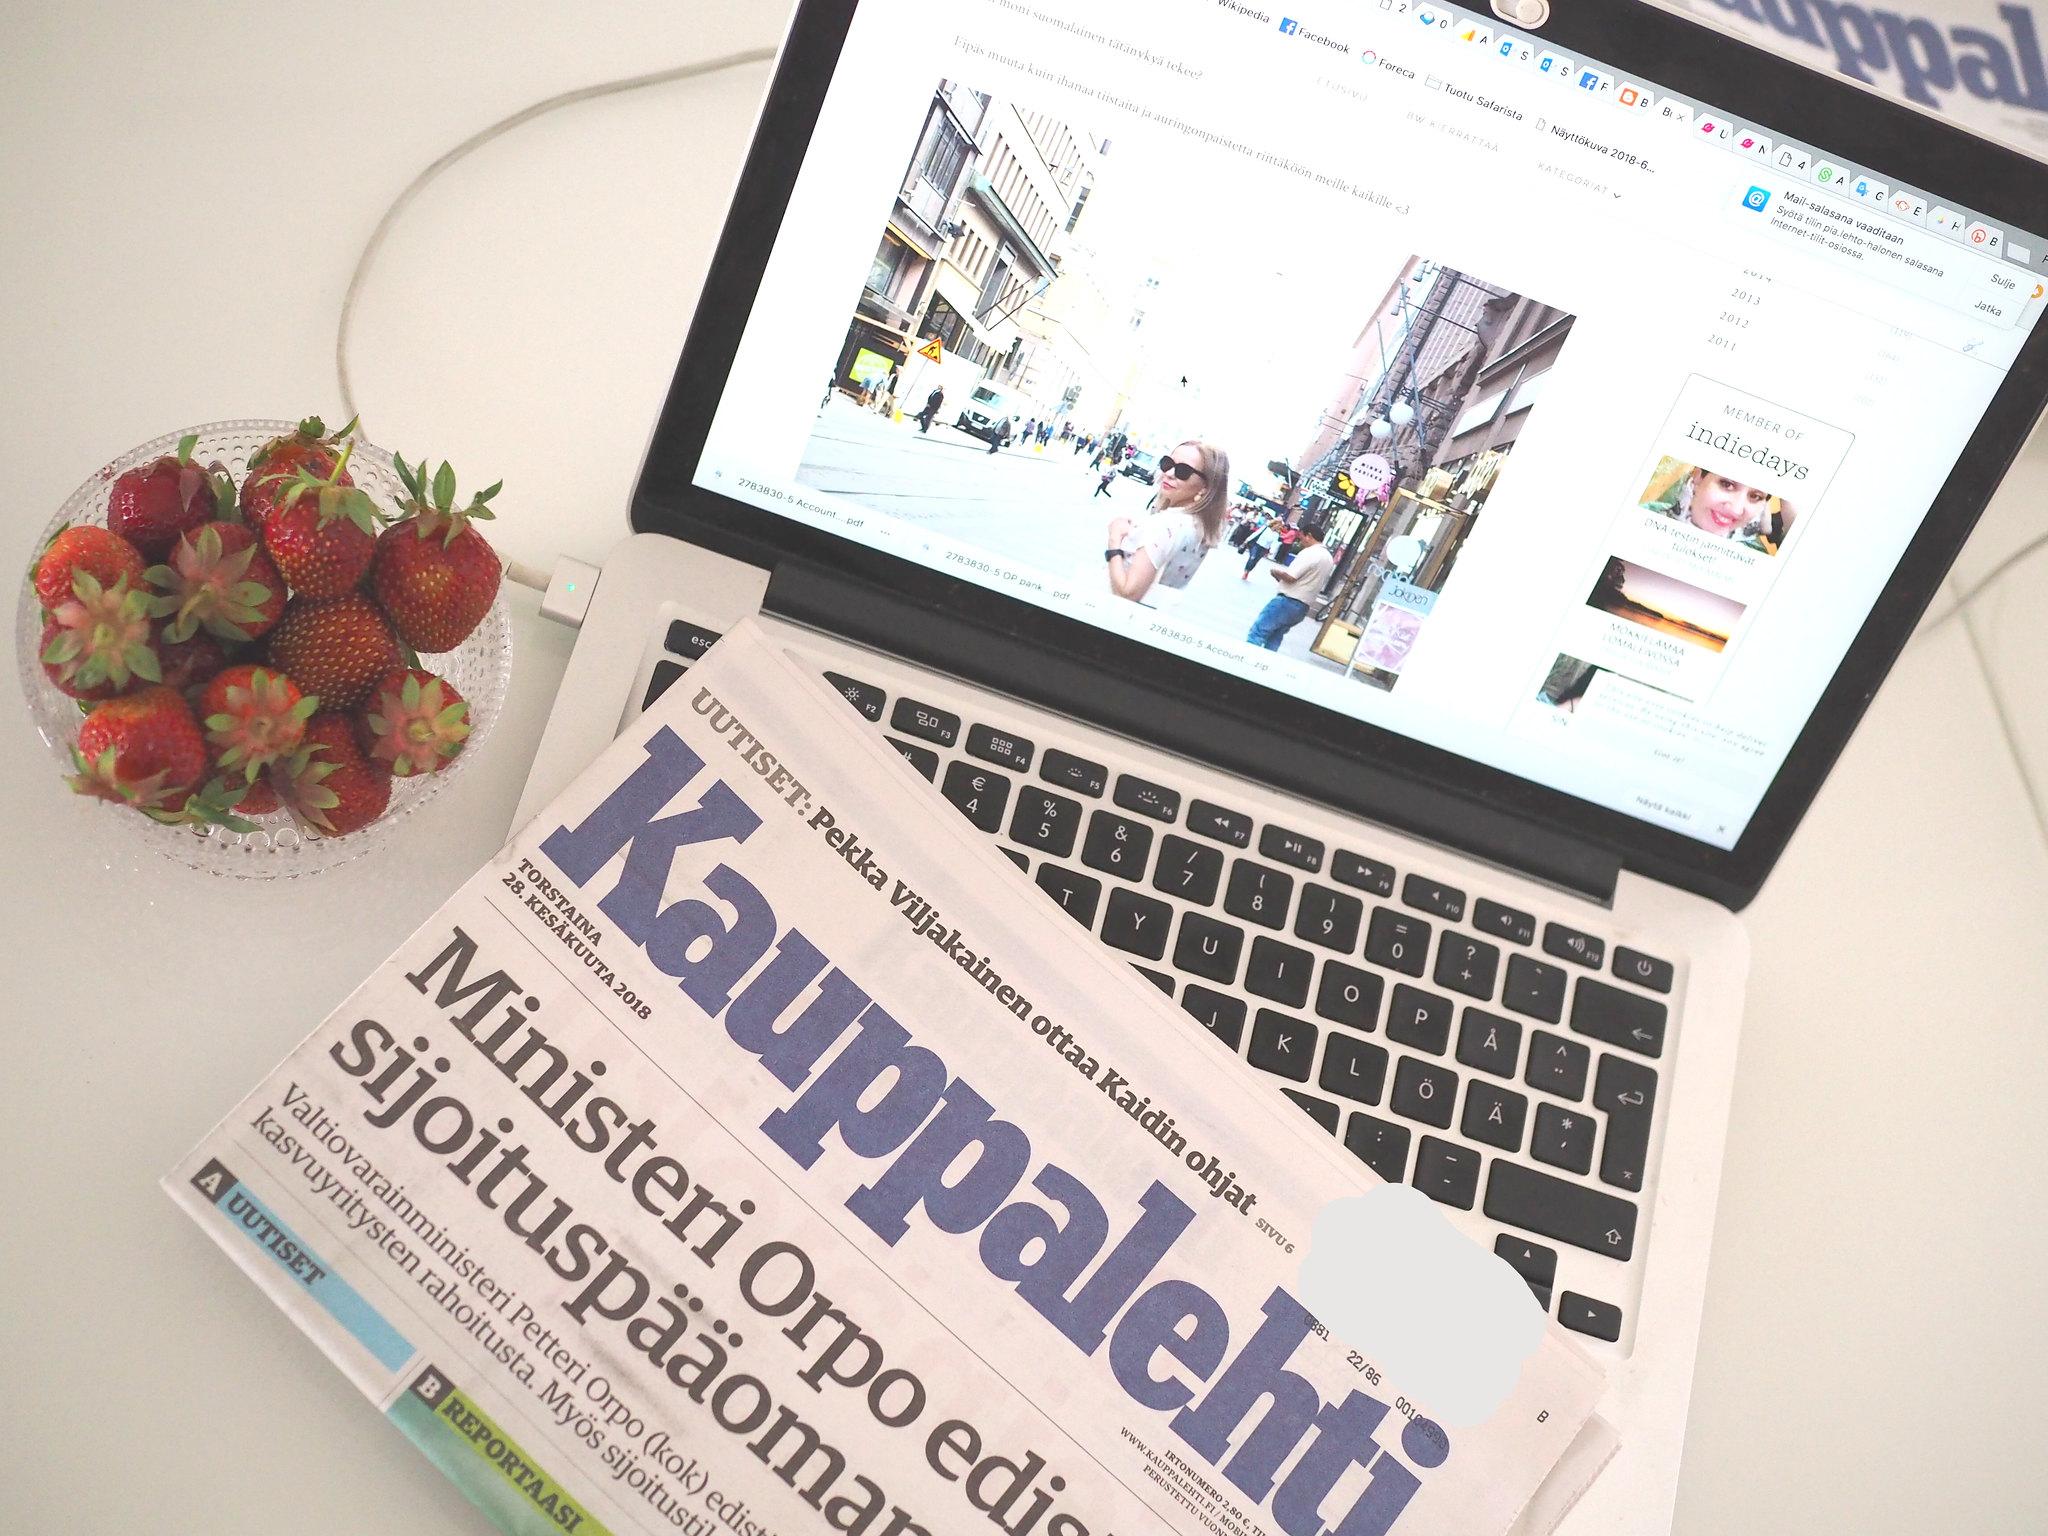 Business Woman Helsinki